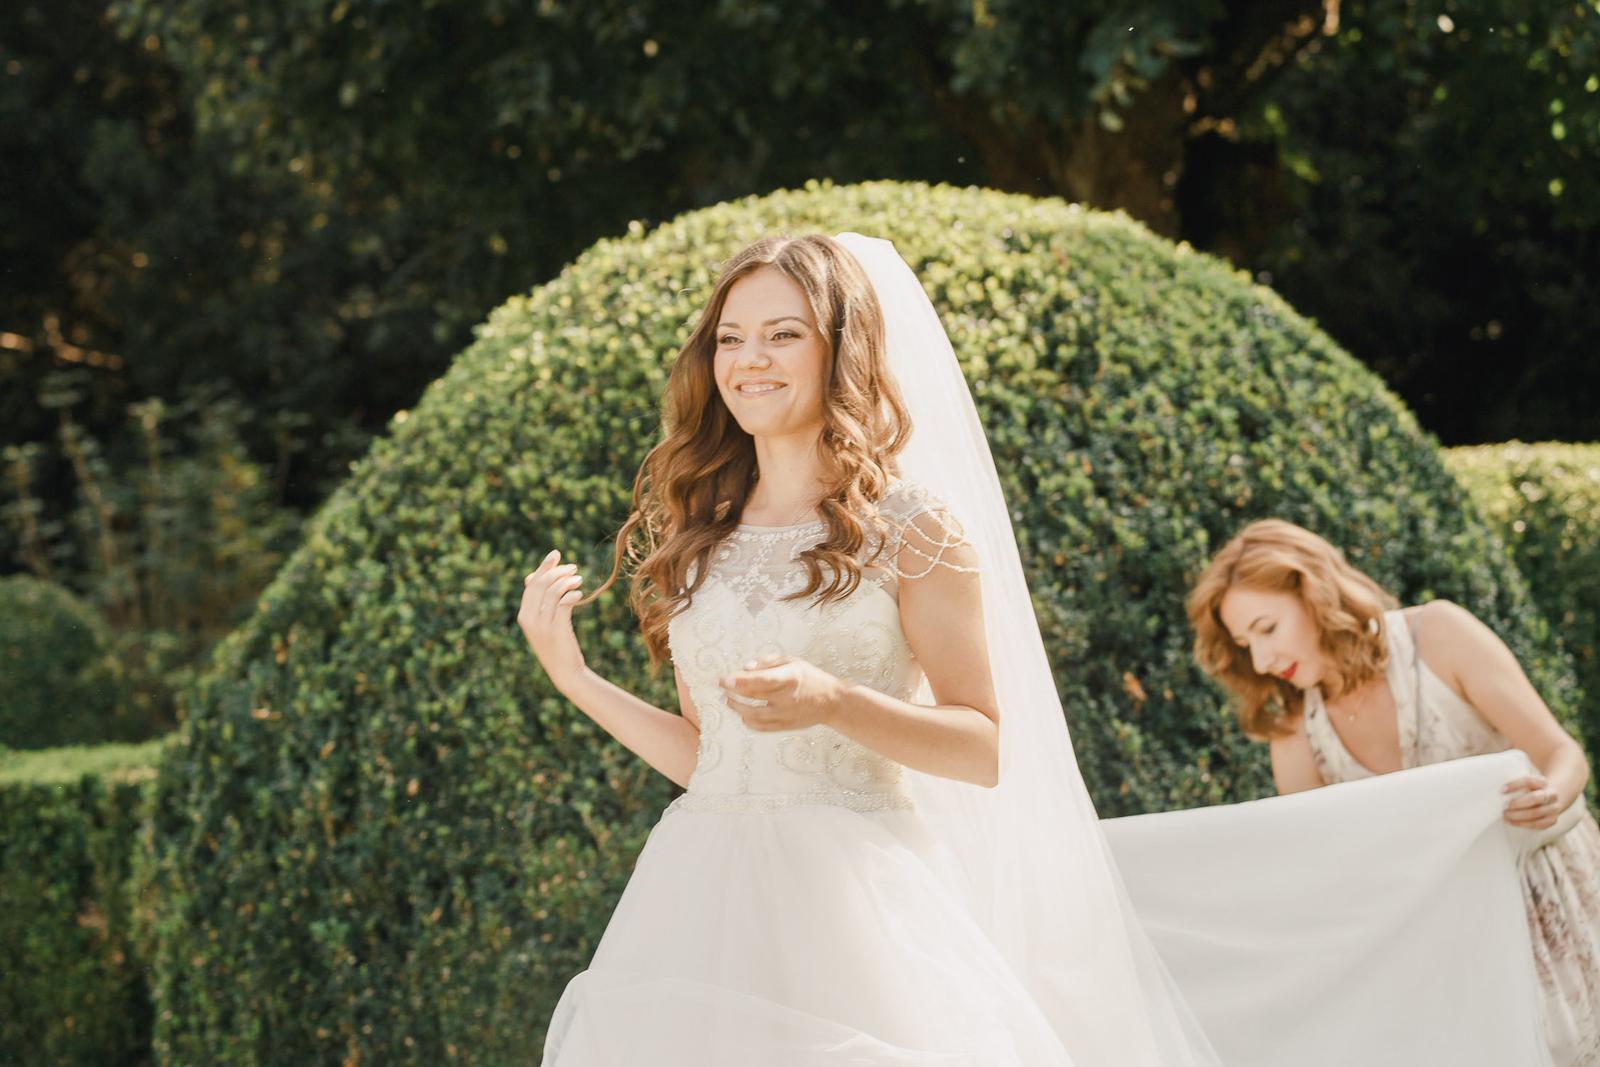 Ekaterina & Thomas - Wedding in Austria ❤️ - Obrázok č. 40